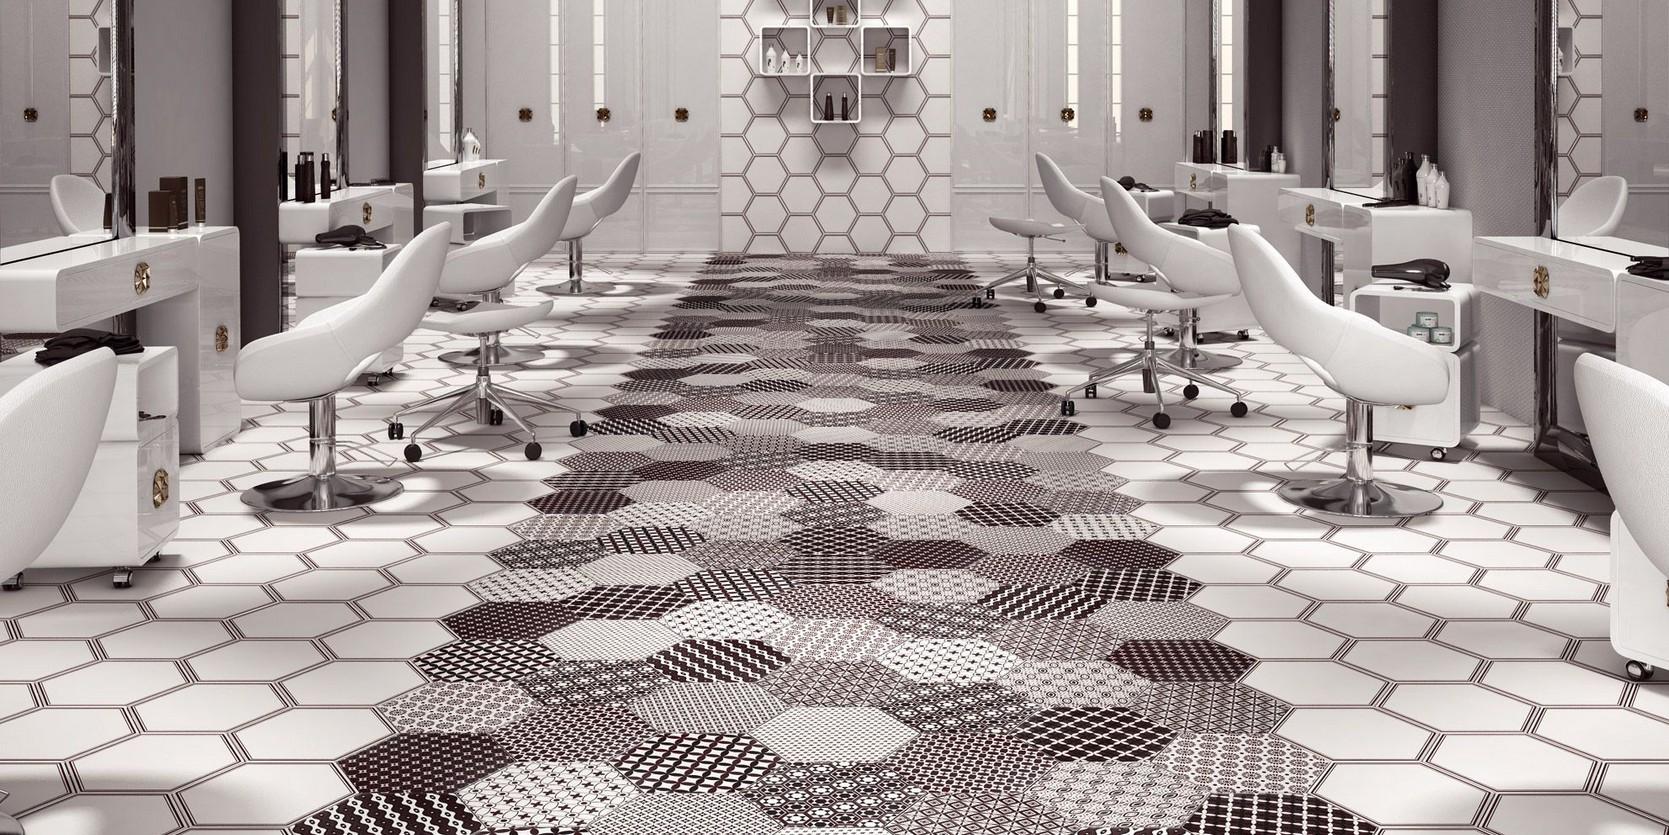 Carrelage tomette 40,40x40 décoré blanc et noir Grazia Realonda ... - Carrelage Hexagonal Sol